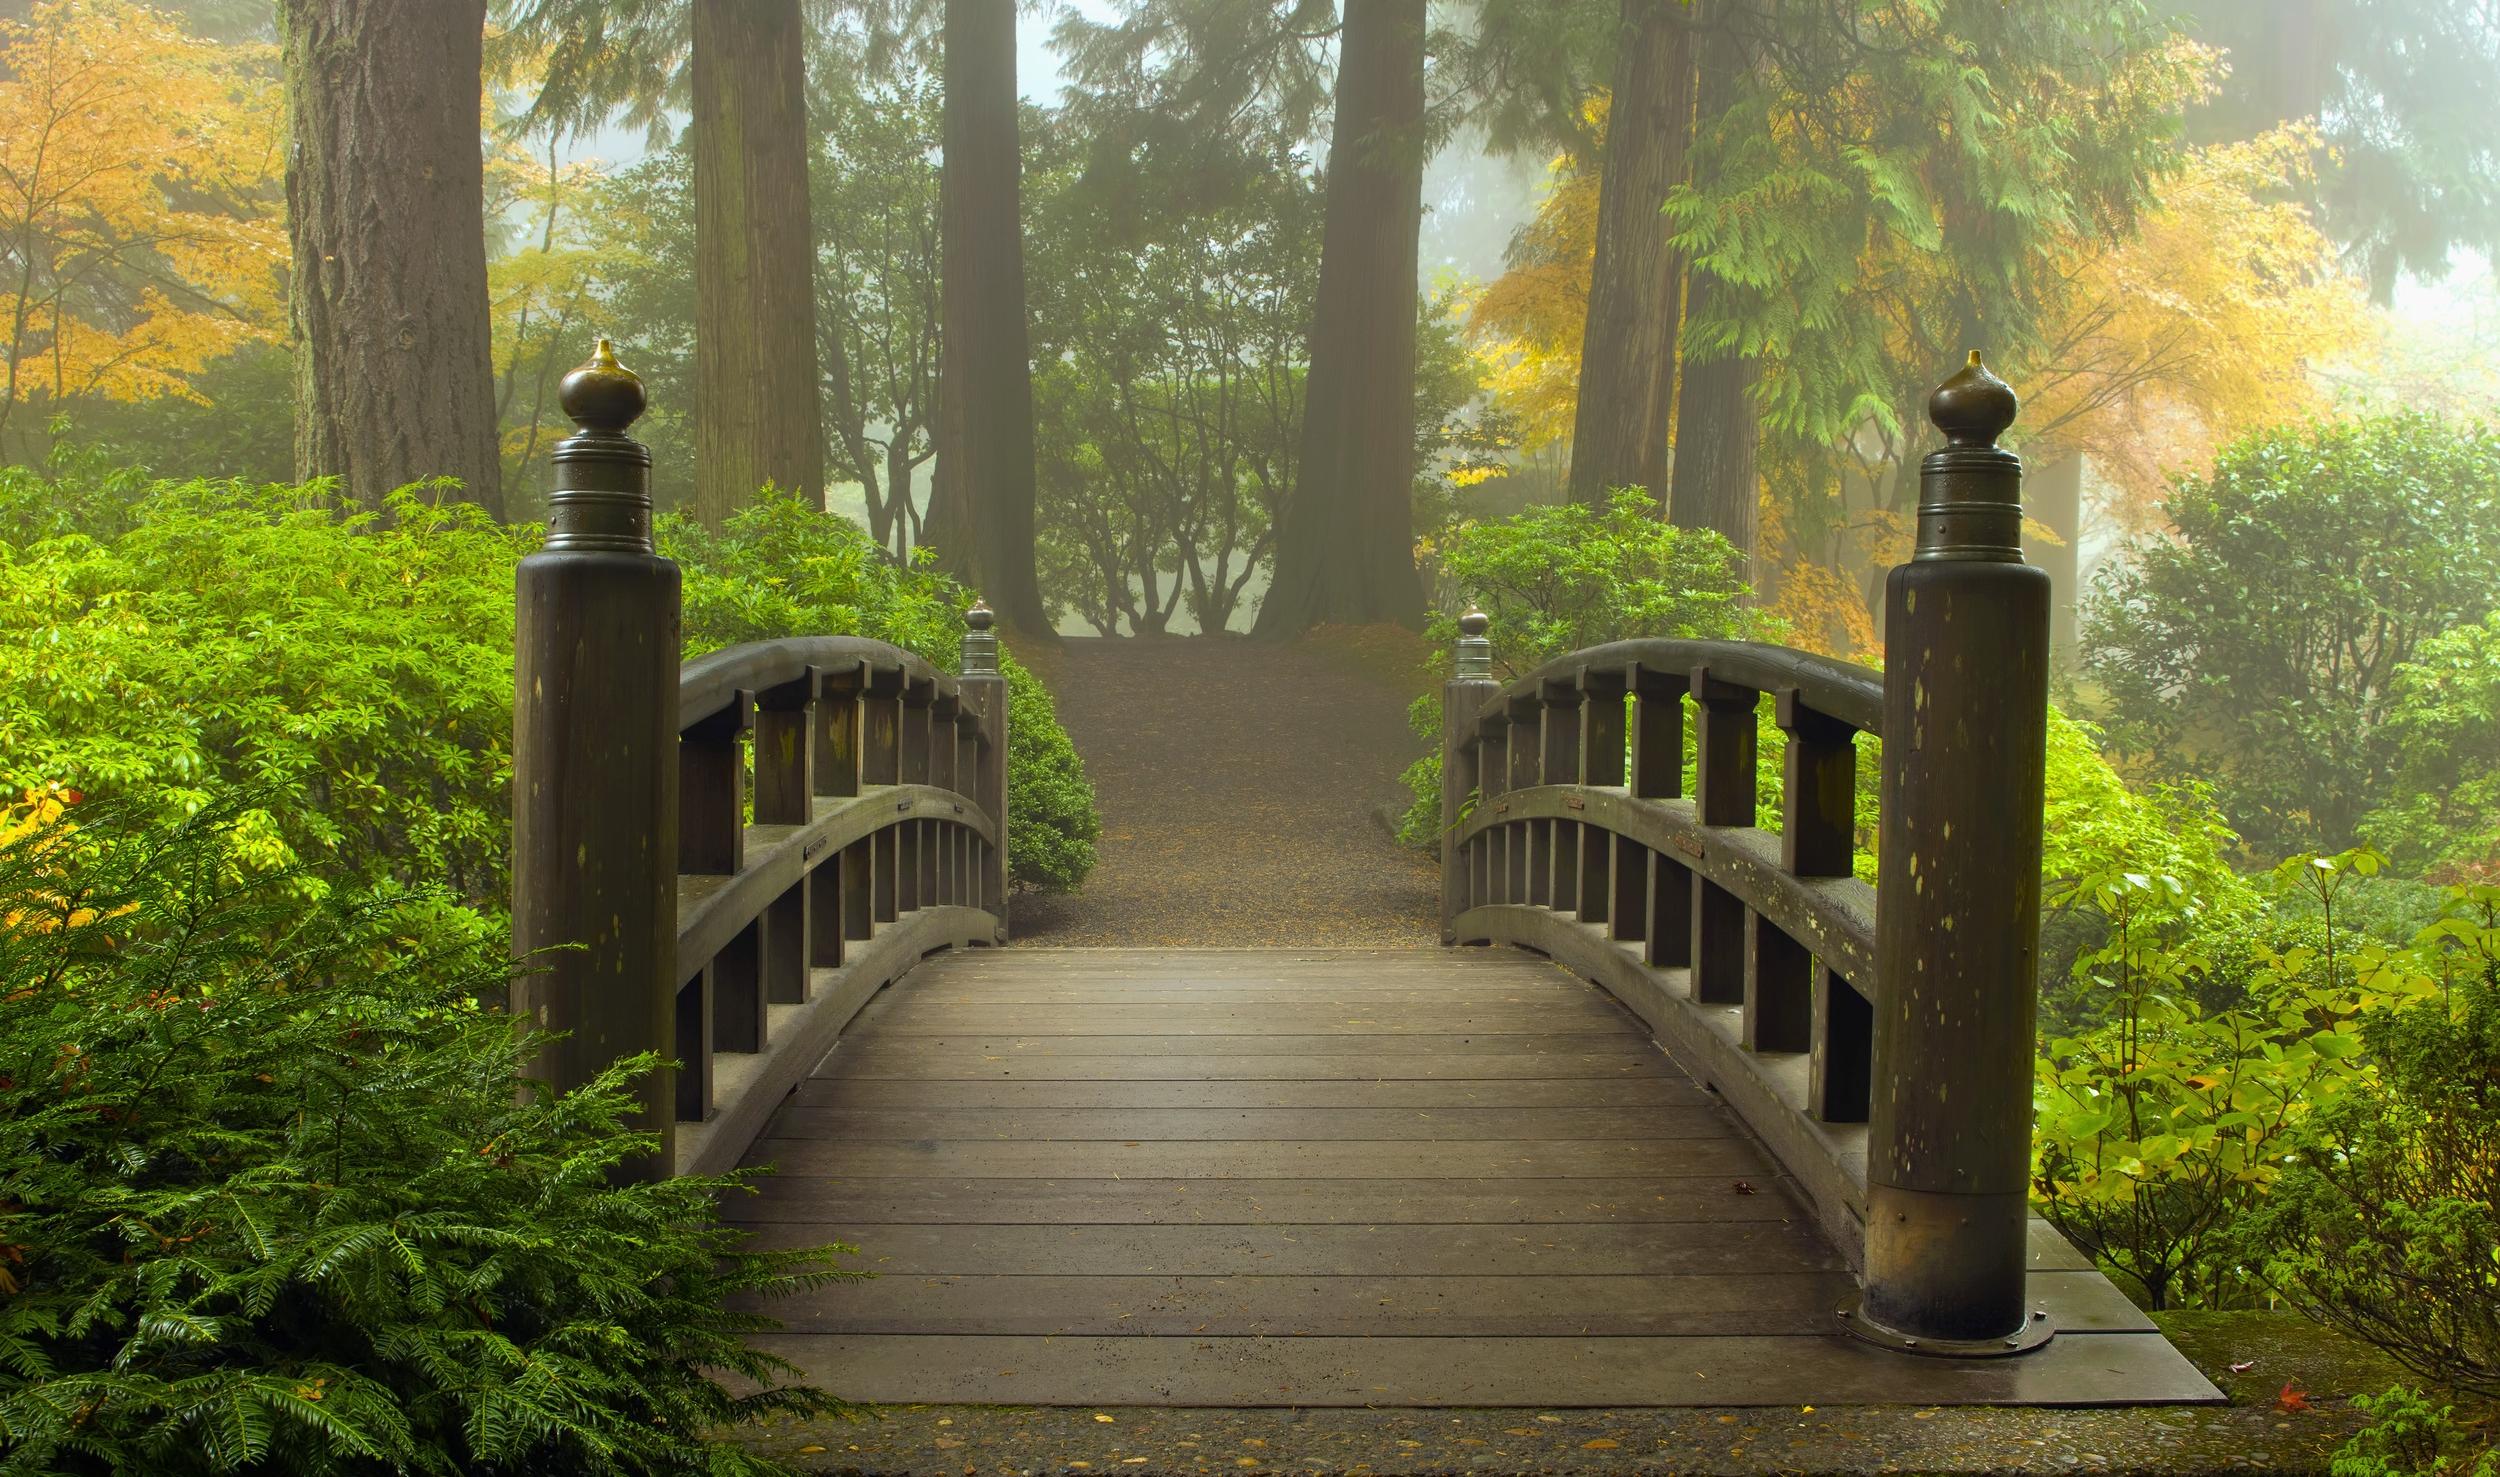 The Bridge drmstime_xxl_16788129 Portland Japanes Tea Garden.jpg